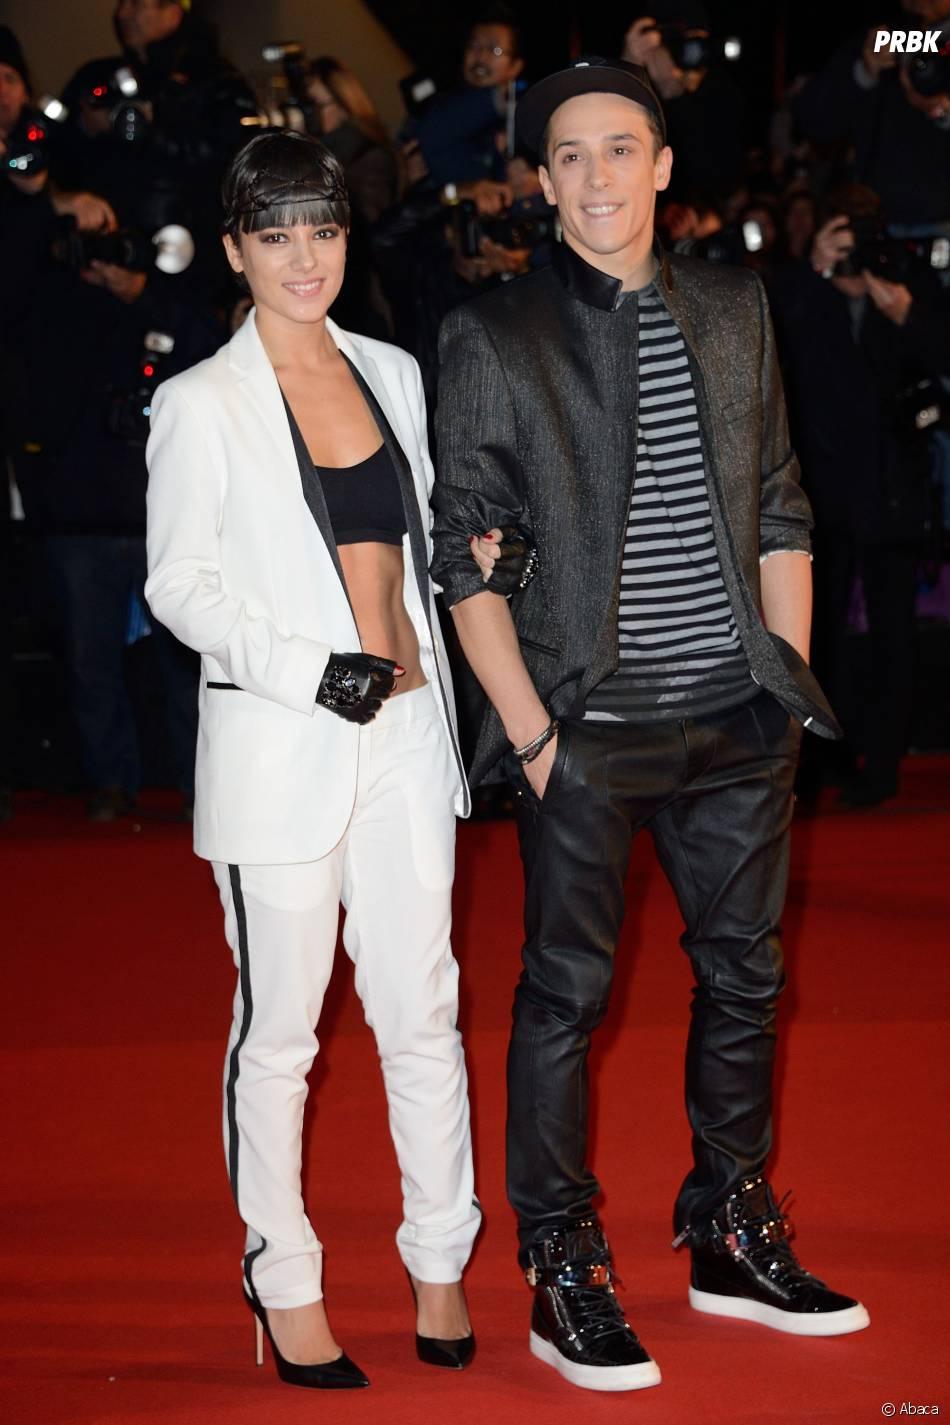 Alizee Et Gregoire Lyonnet Sur Le Tapis Rouge Des Nma Purebreak